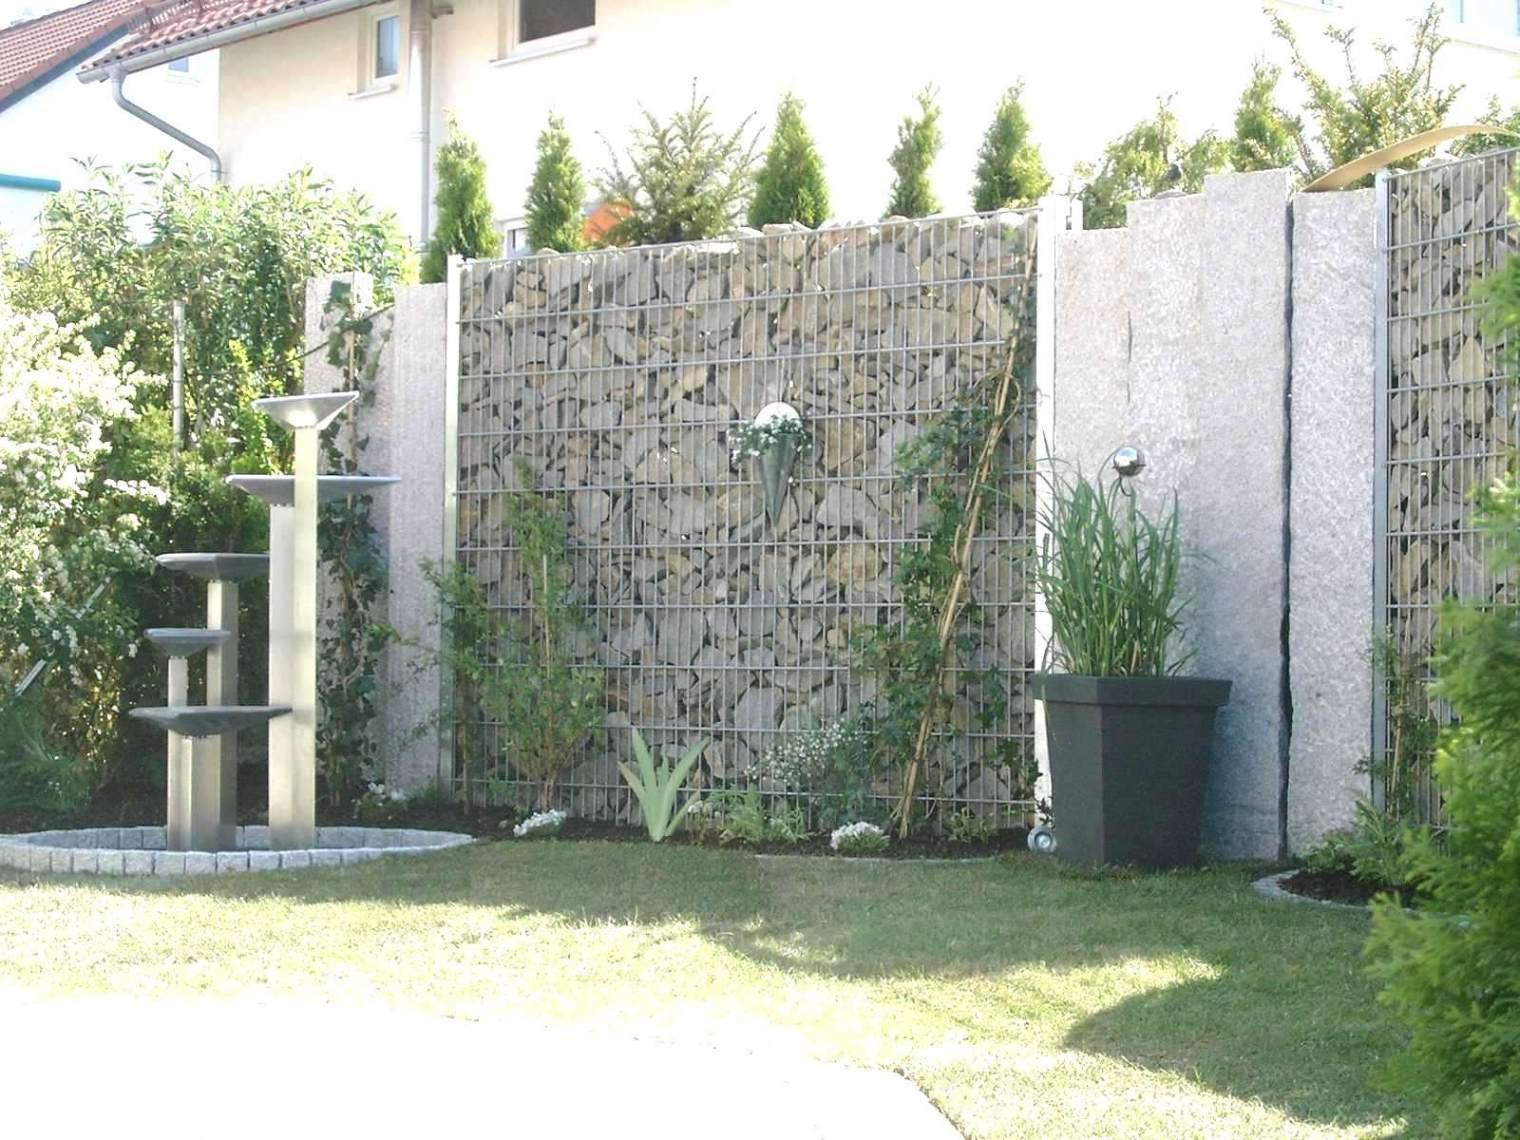 sichtschutz garten pflanzen das beste von inspirierend terrasse pflanzen garten sichtschutz pflanzen garten sichtschutz